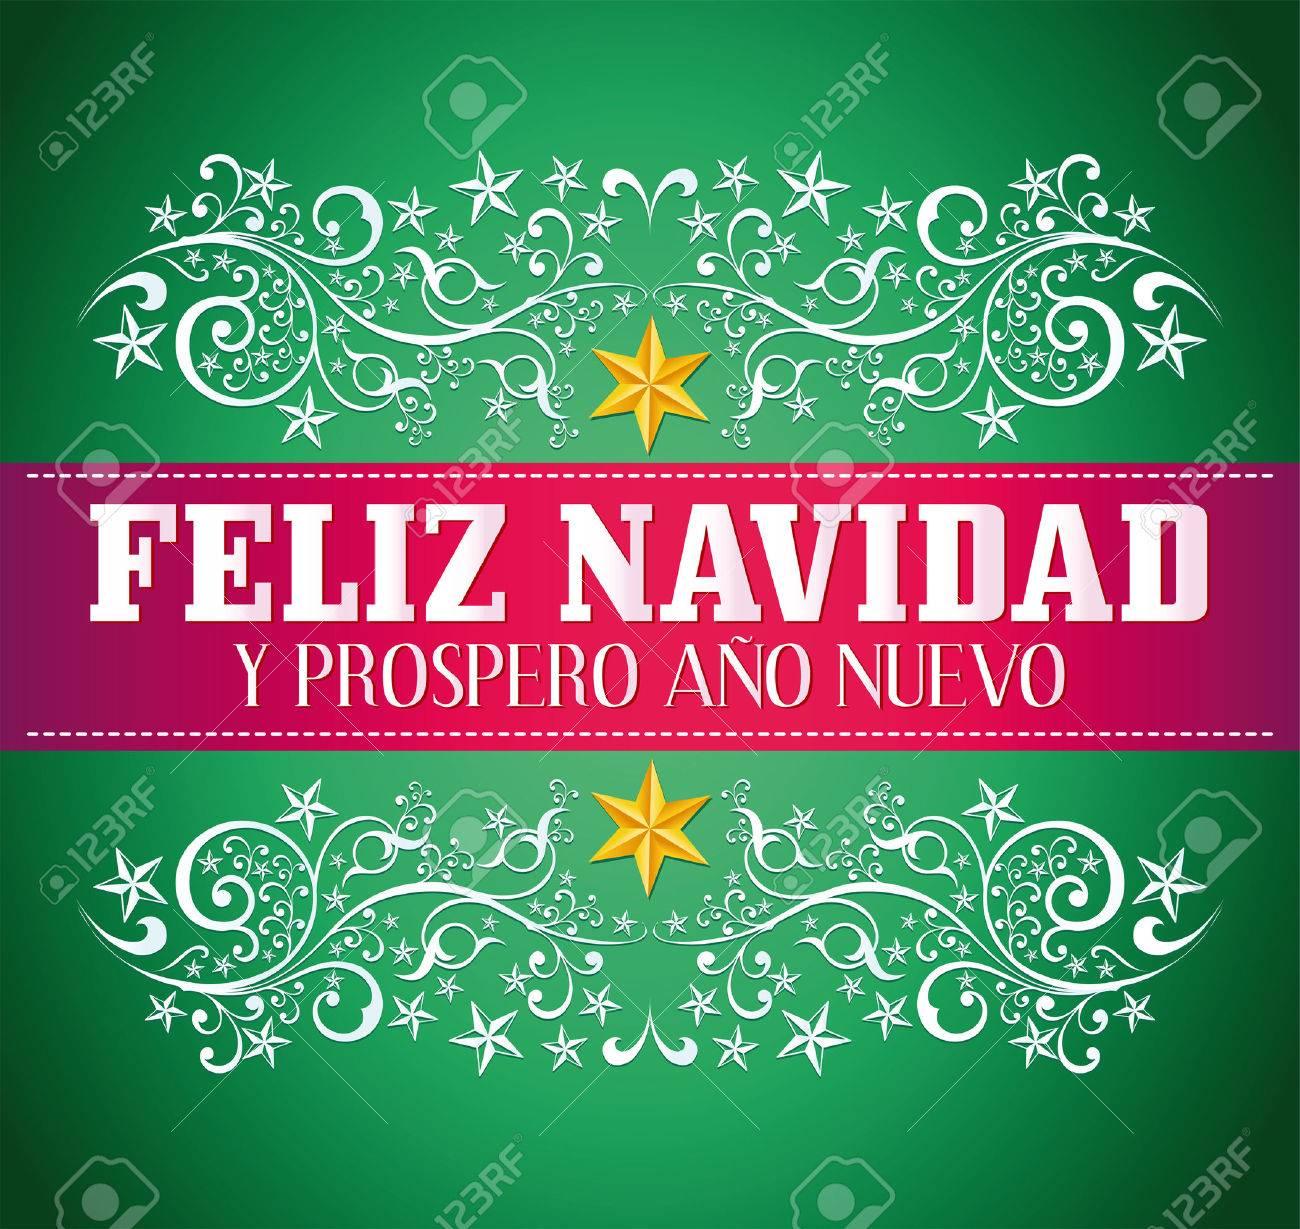 voeux en espagnol nouvelle année